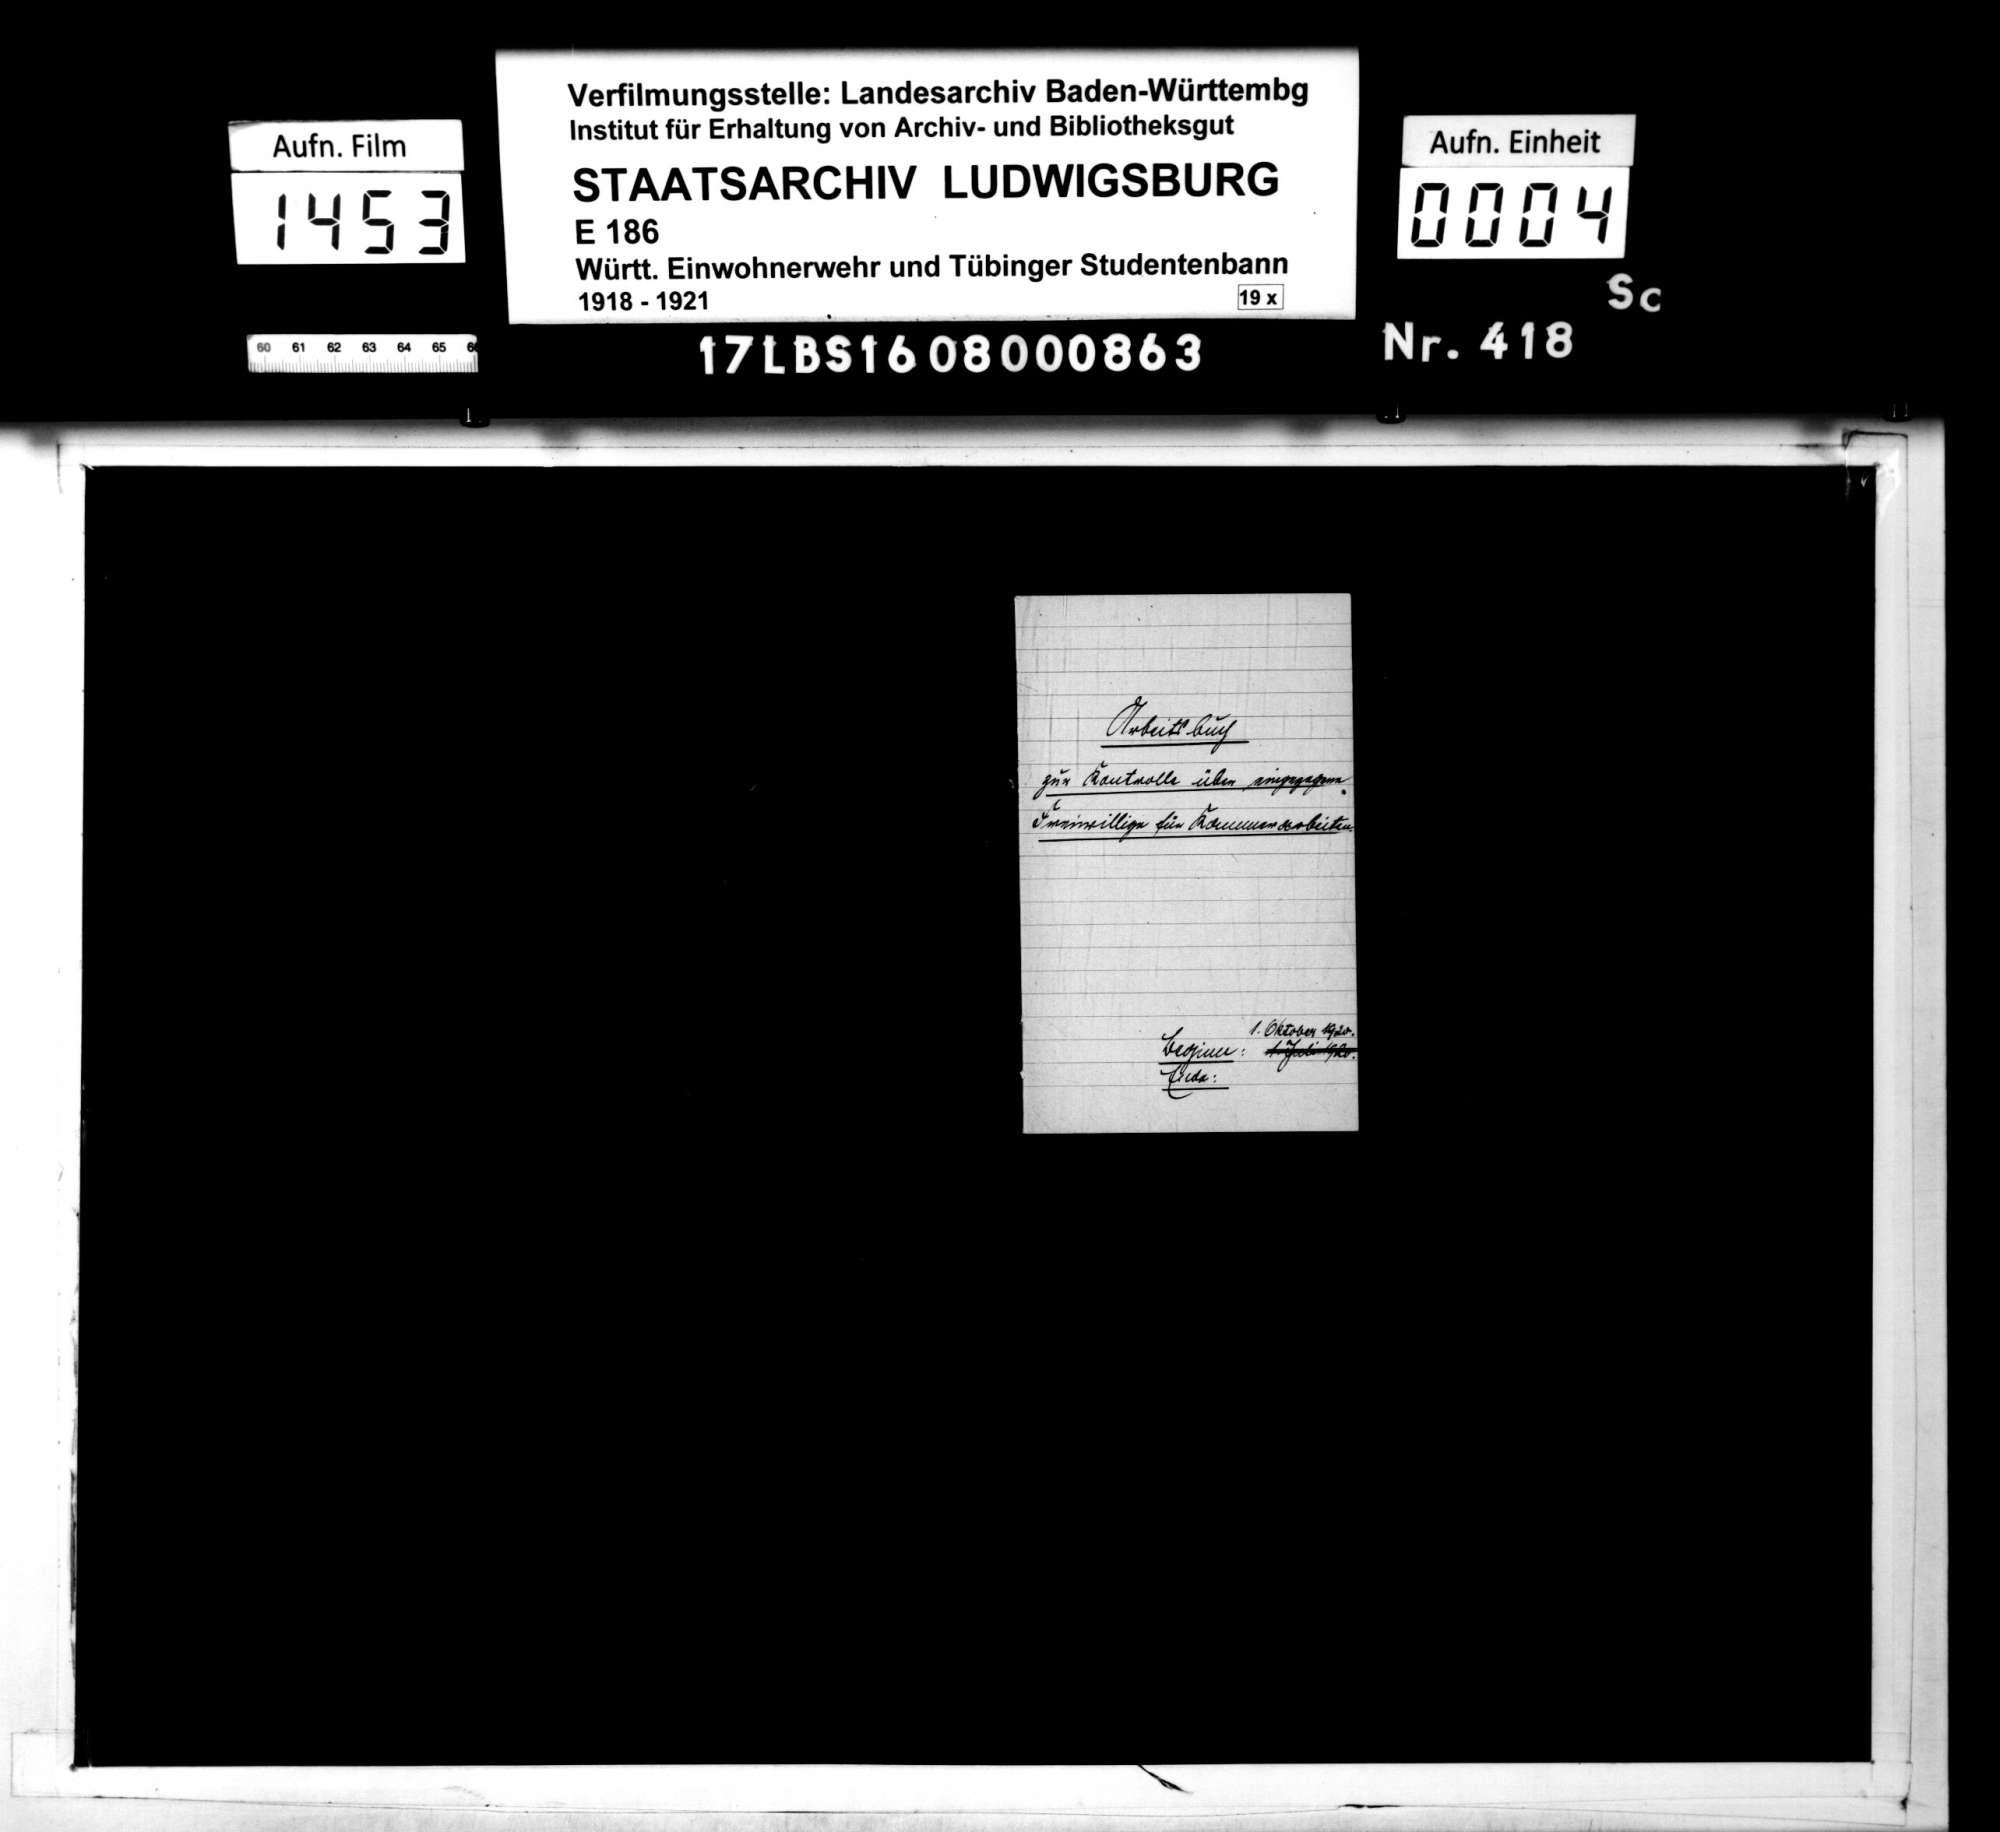 Kontrollbuch der Freiwilligen für Kammerarbeiten, Bild 2